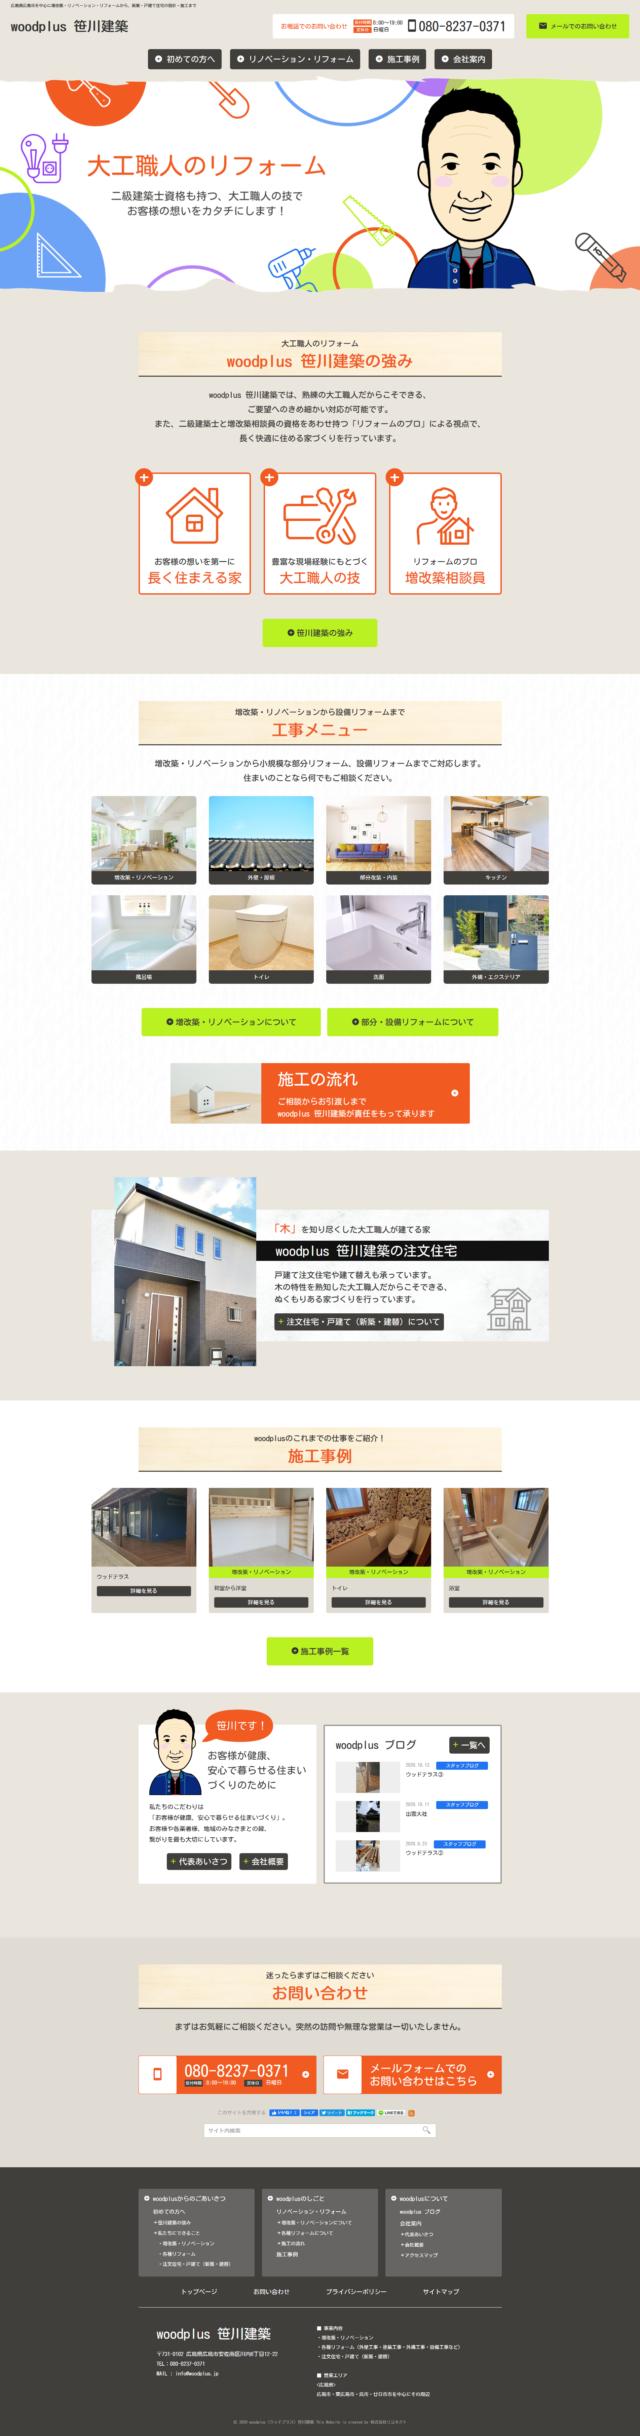 住宅の増改築・リノベーションや設備・部分リフォームのwoodplus 笹川建築 様